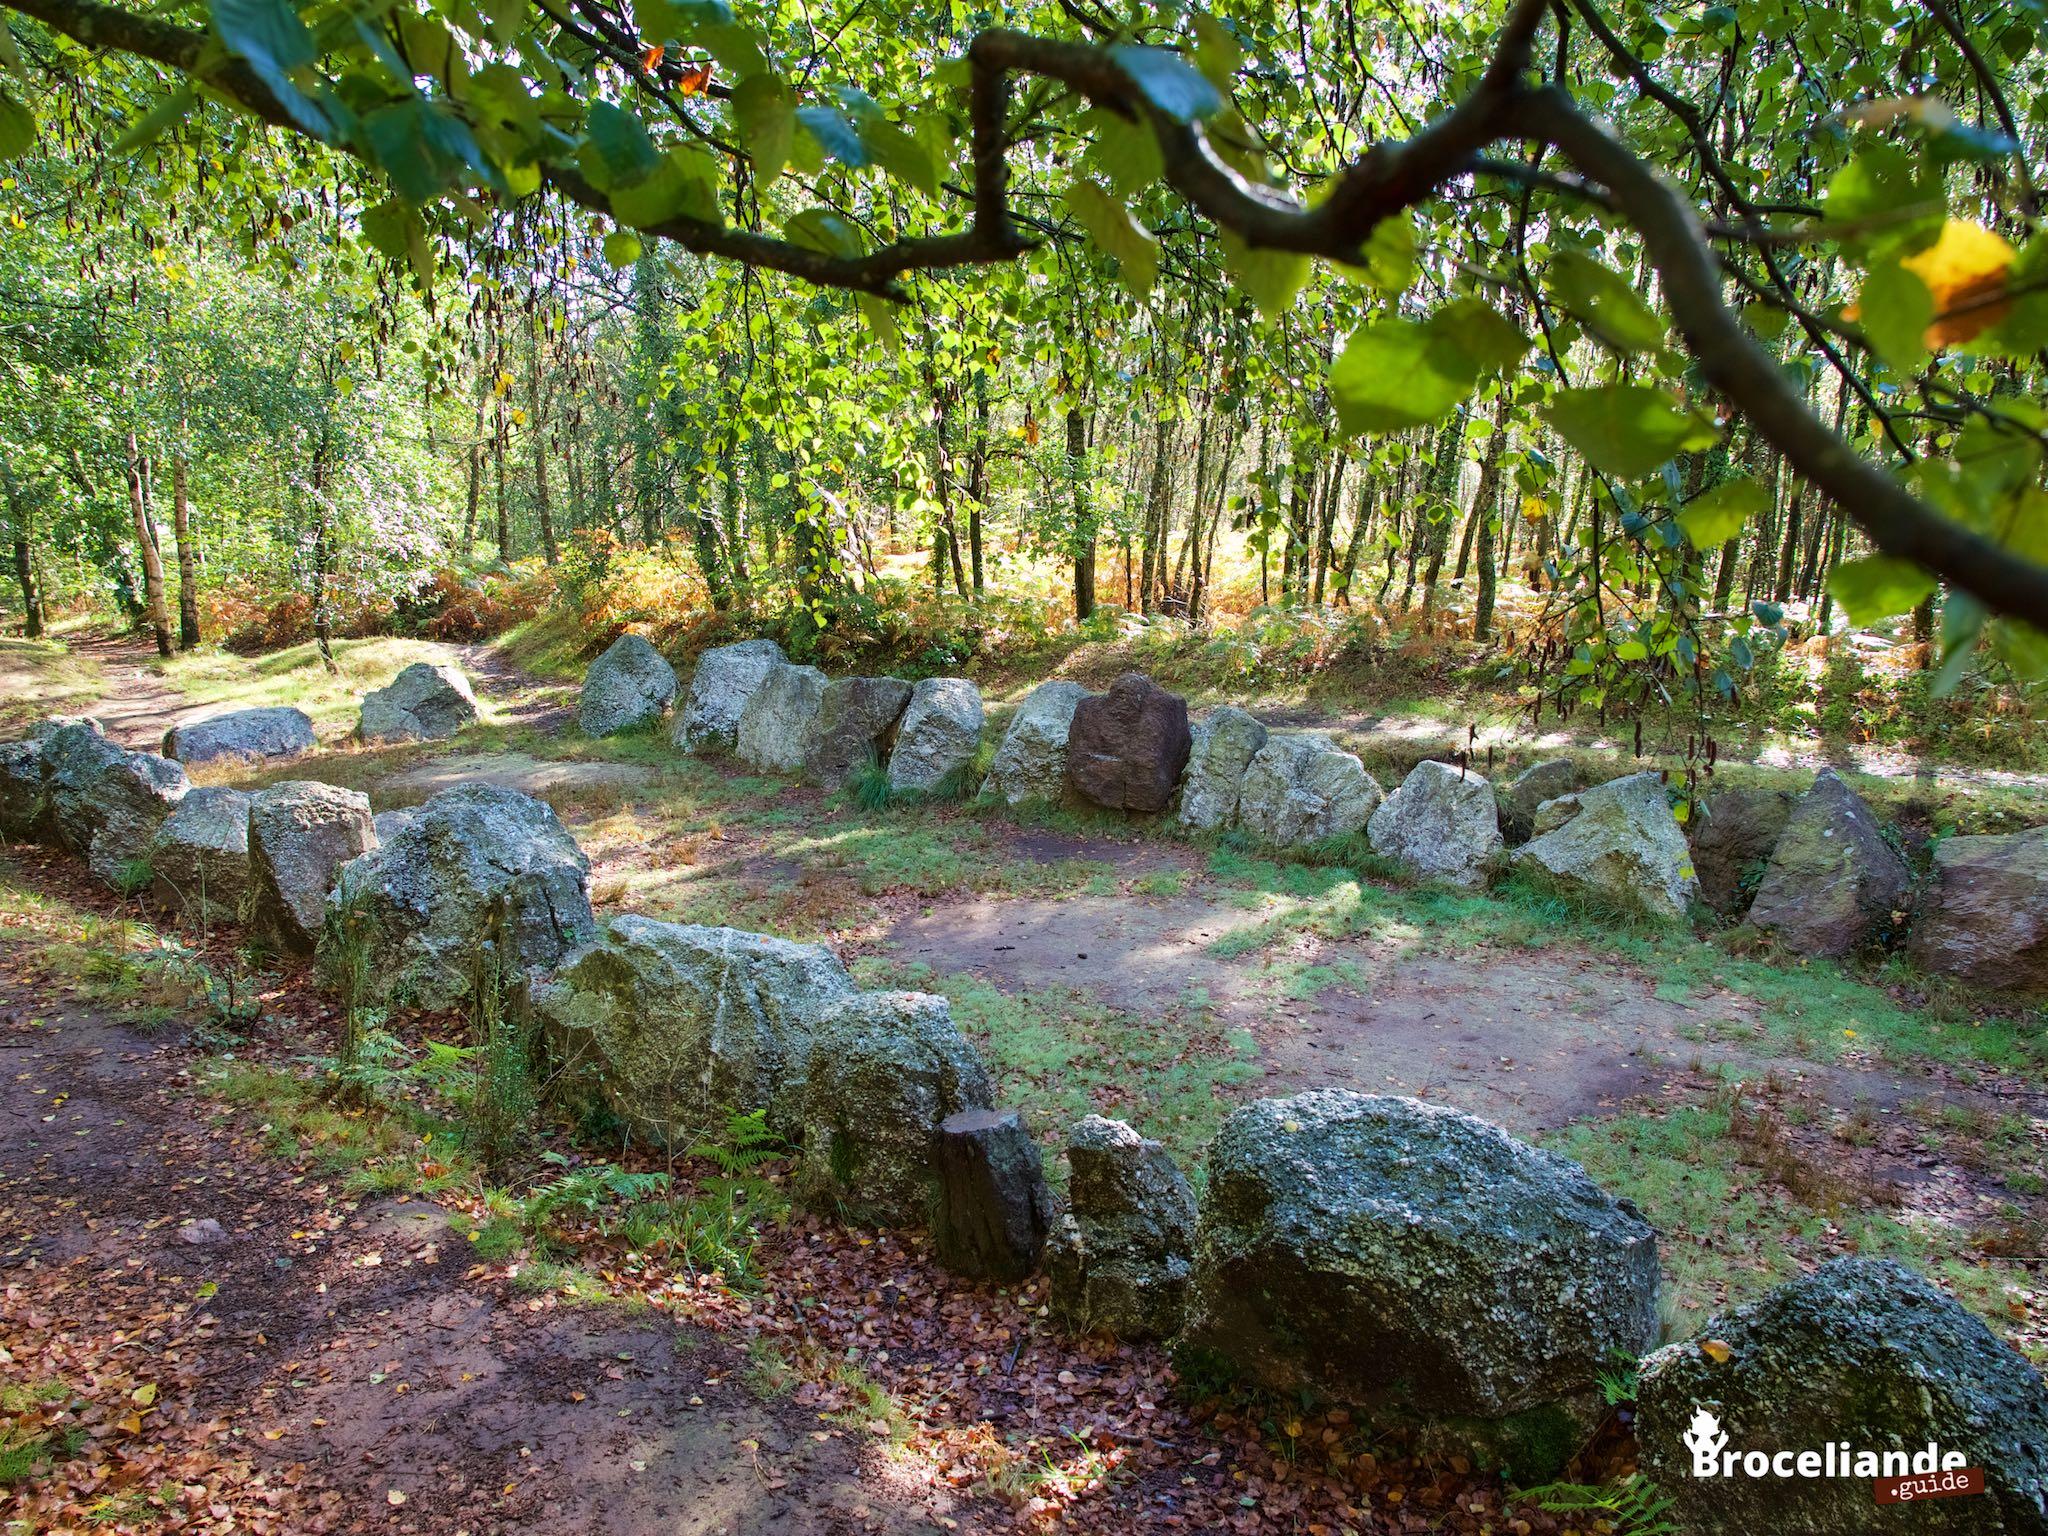 Le jardin aux moines broc liande for Le jardin aux epilobes